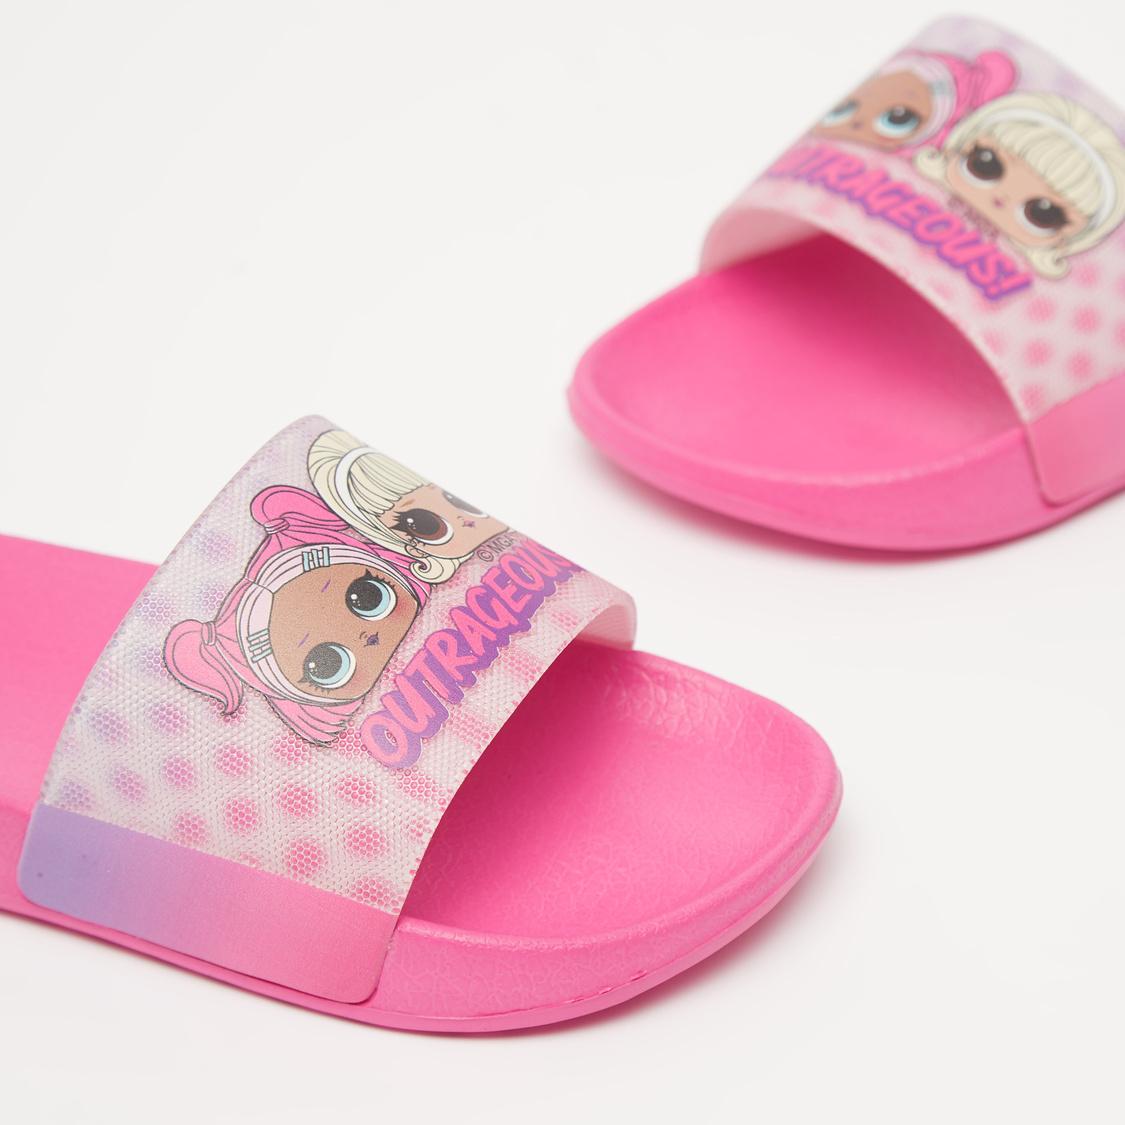 حذاء خفيف سهل الارتداء بطبعات لول سوربرايز!